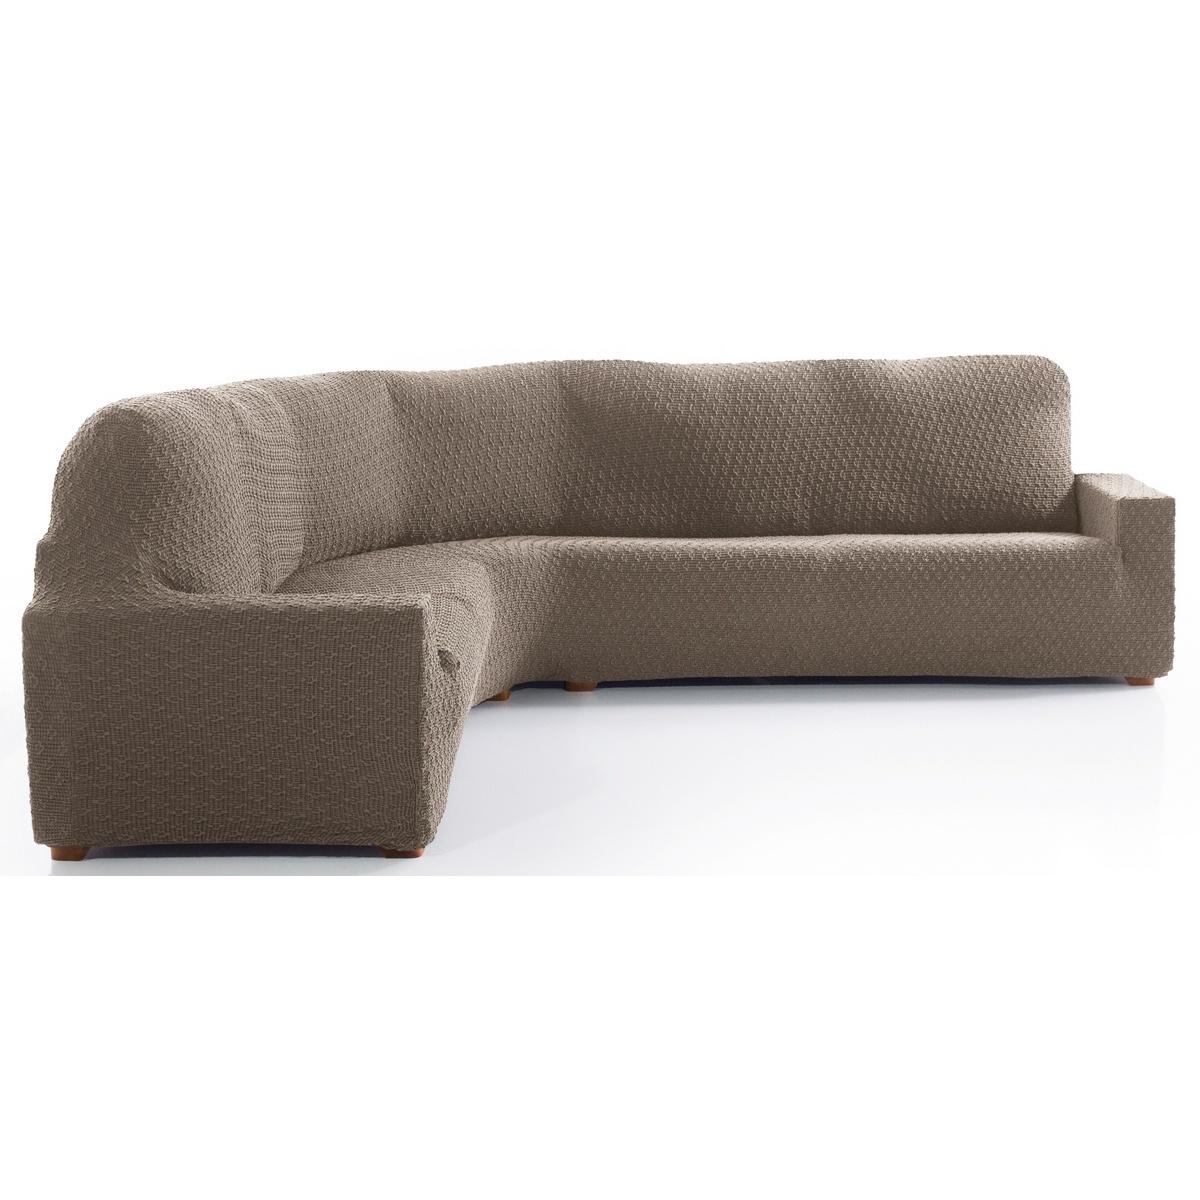 Forbyt Multielastický potah na rohovou sedací soupravu Martin béžová, 340 - 540 cm